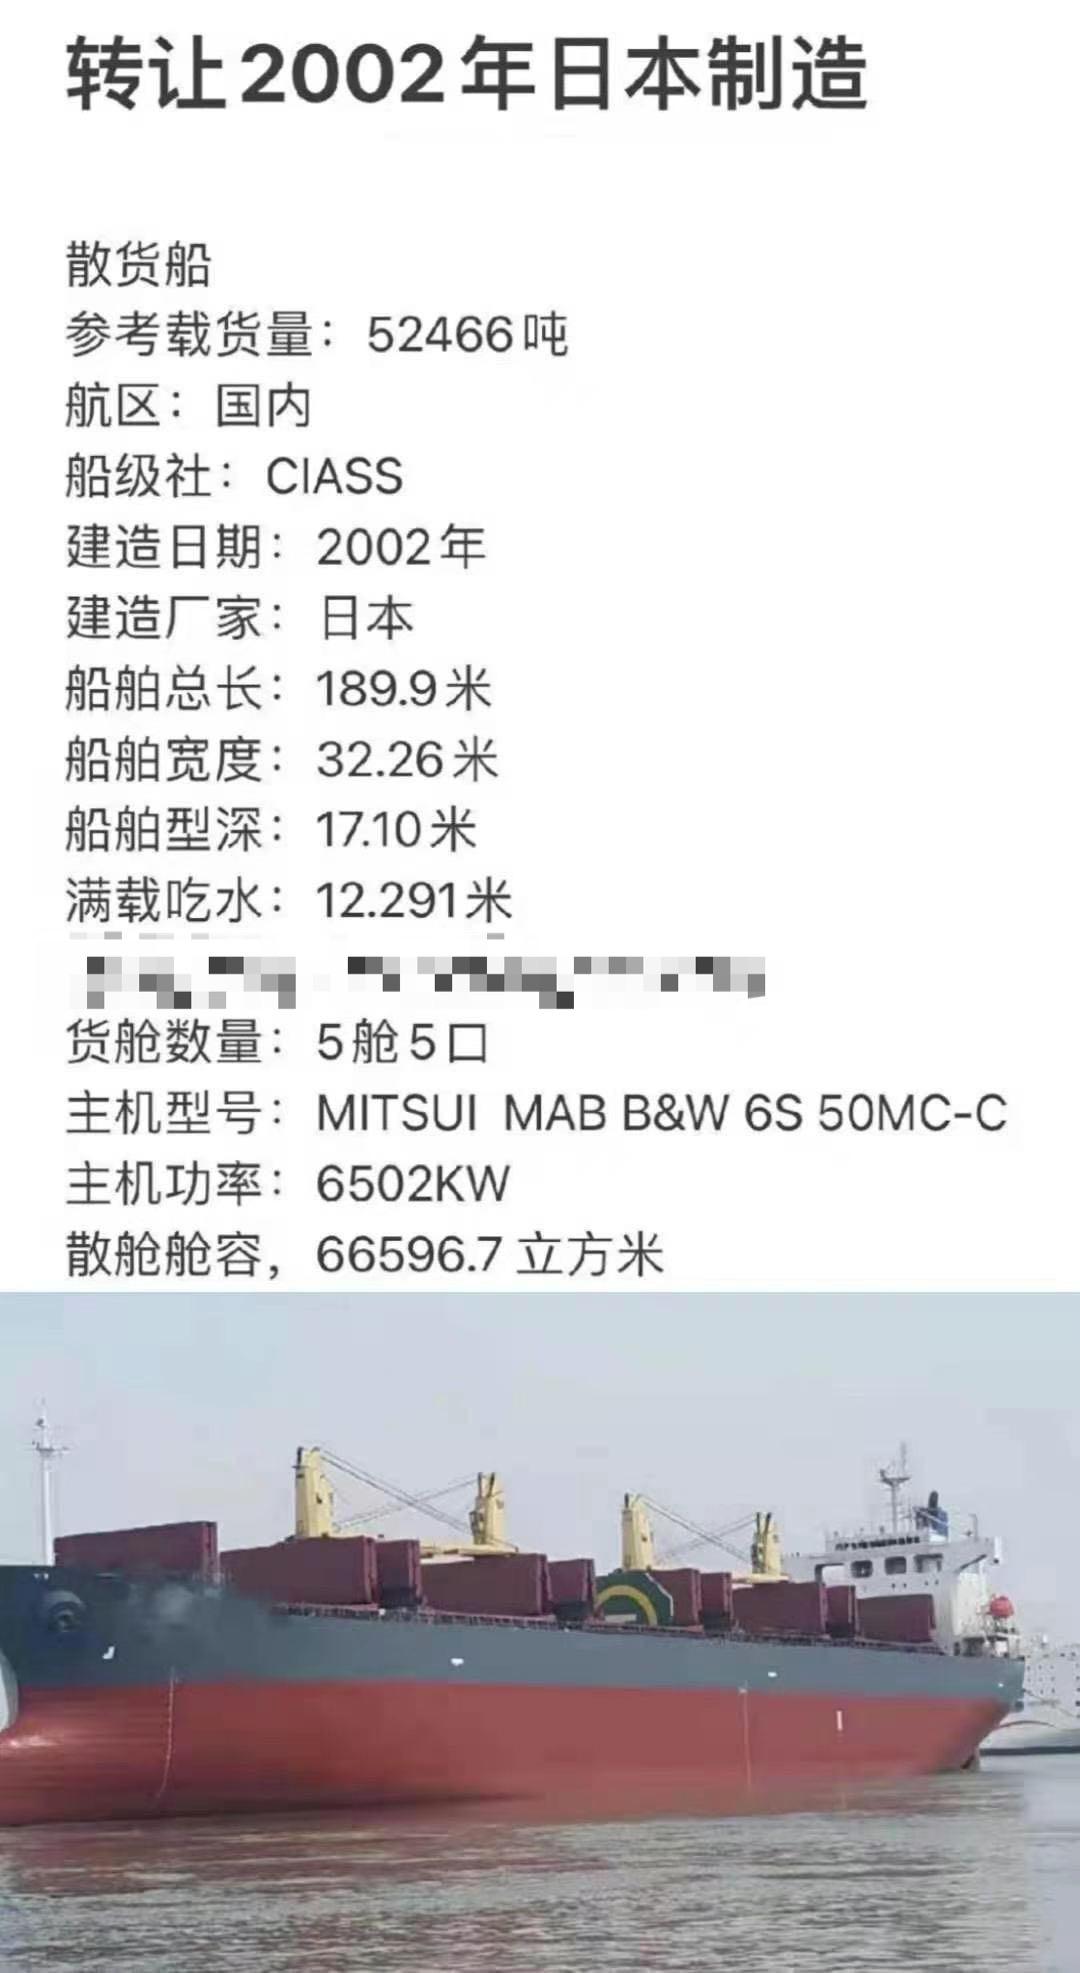 出售53000吨散货船